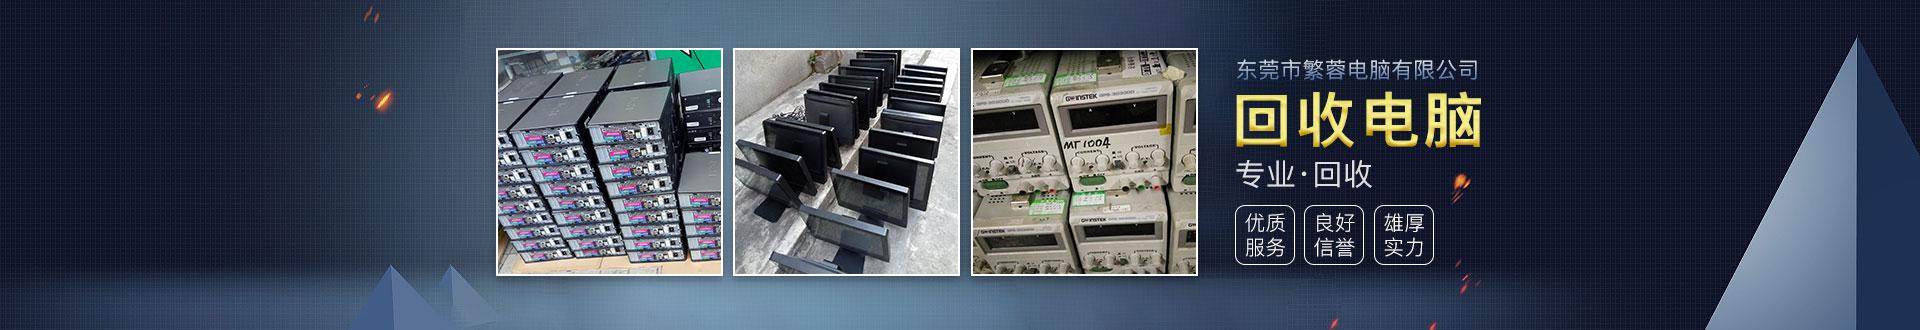 东莞繁蓉回收电脑有限公司